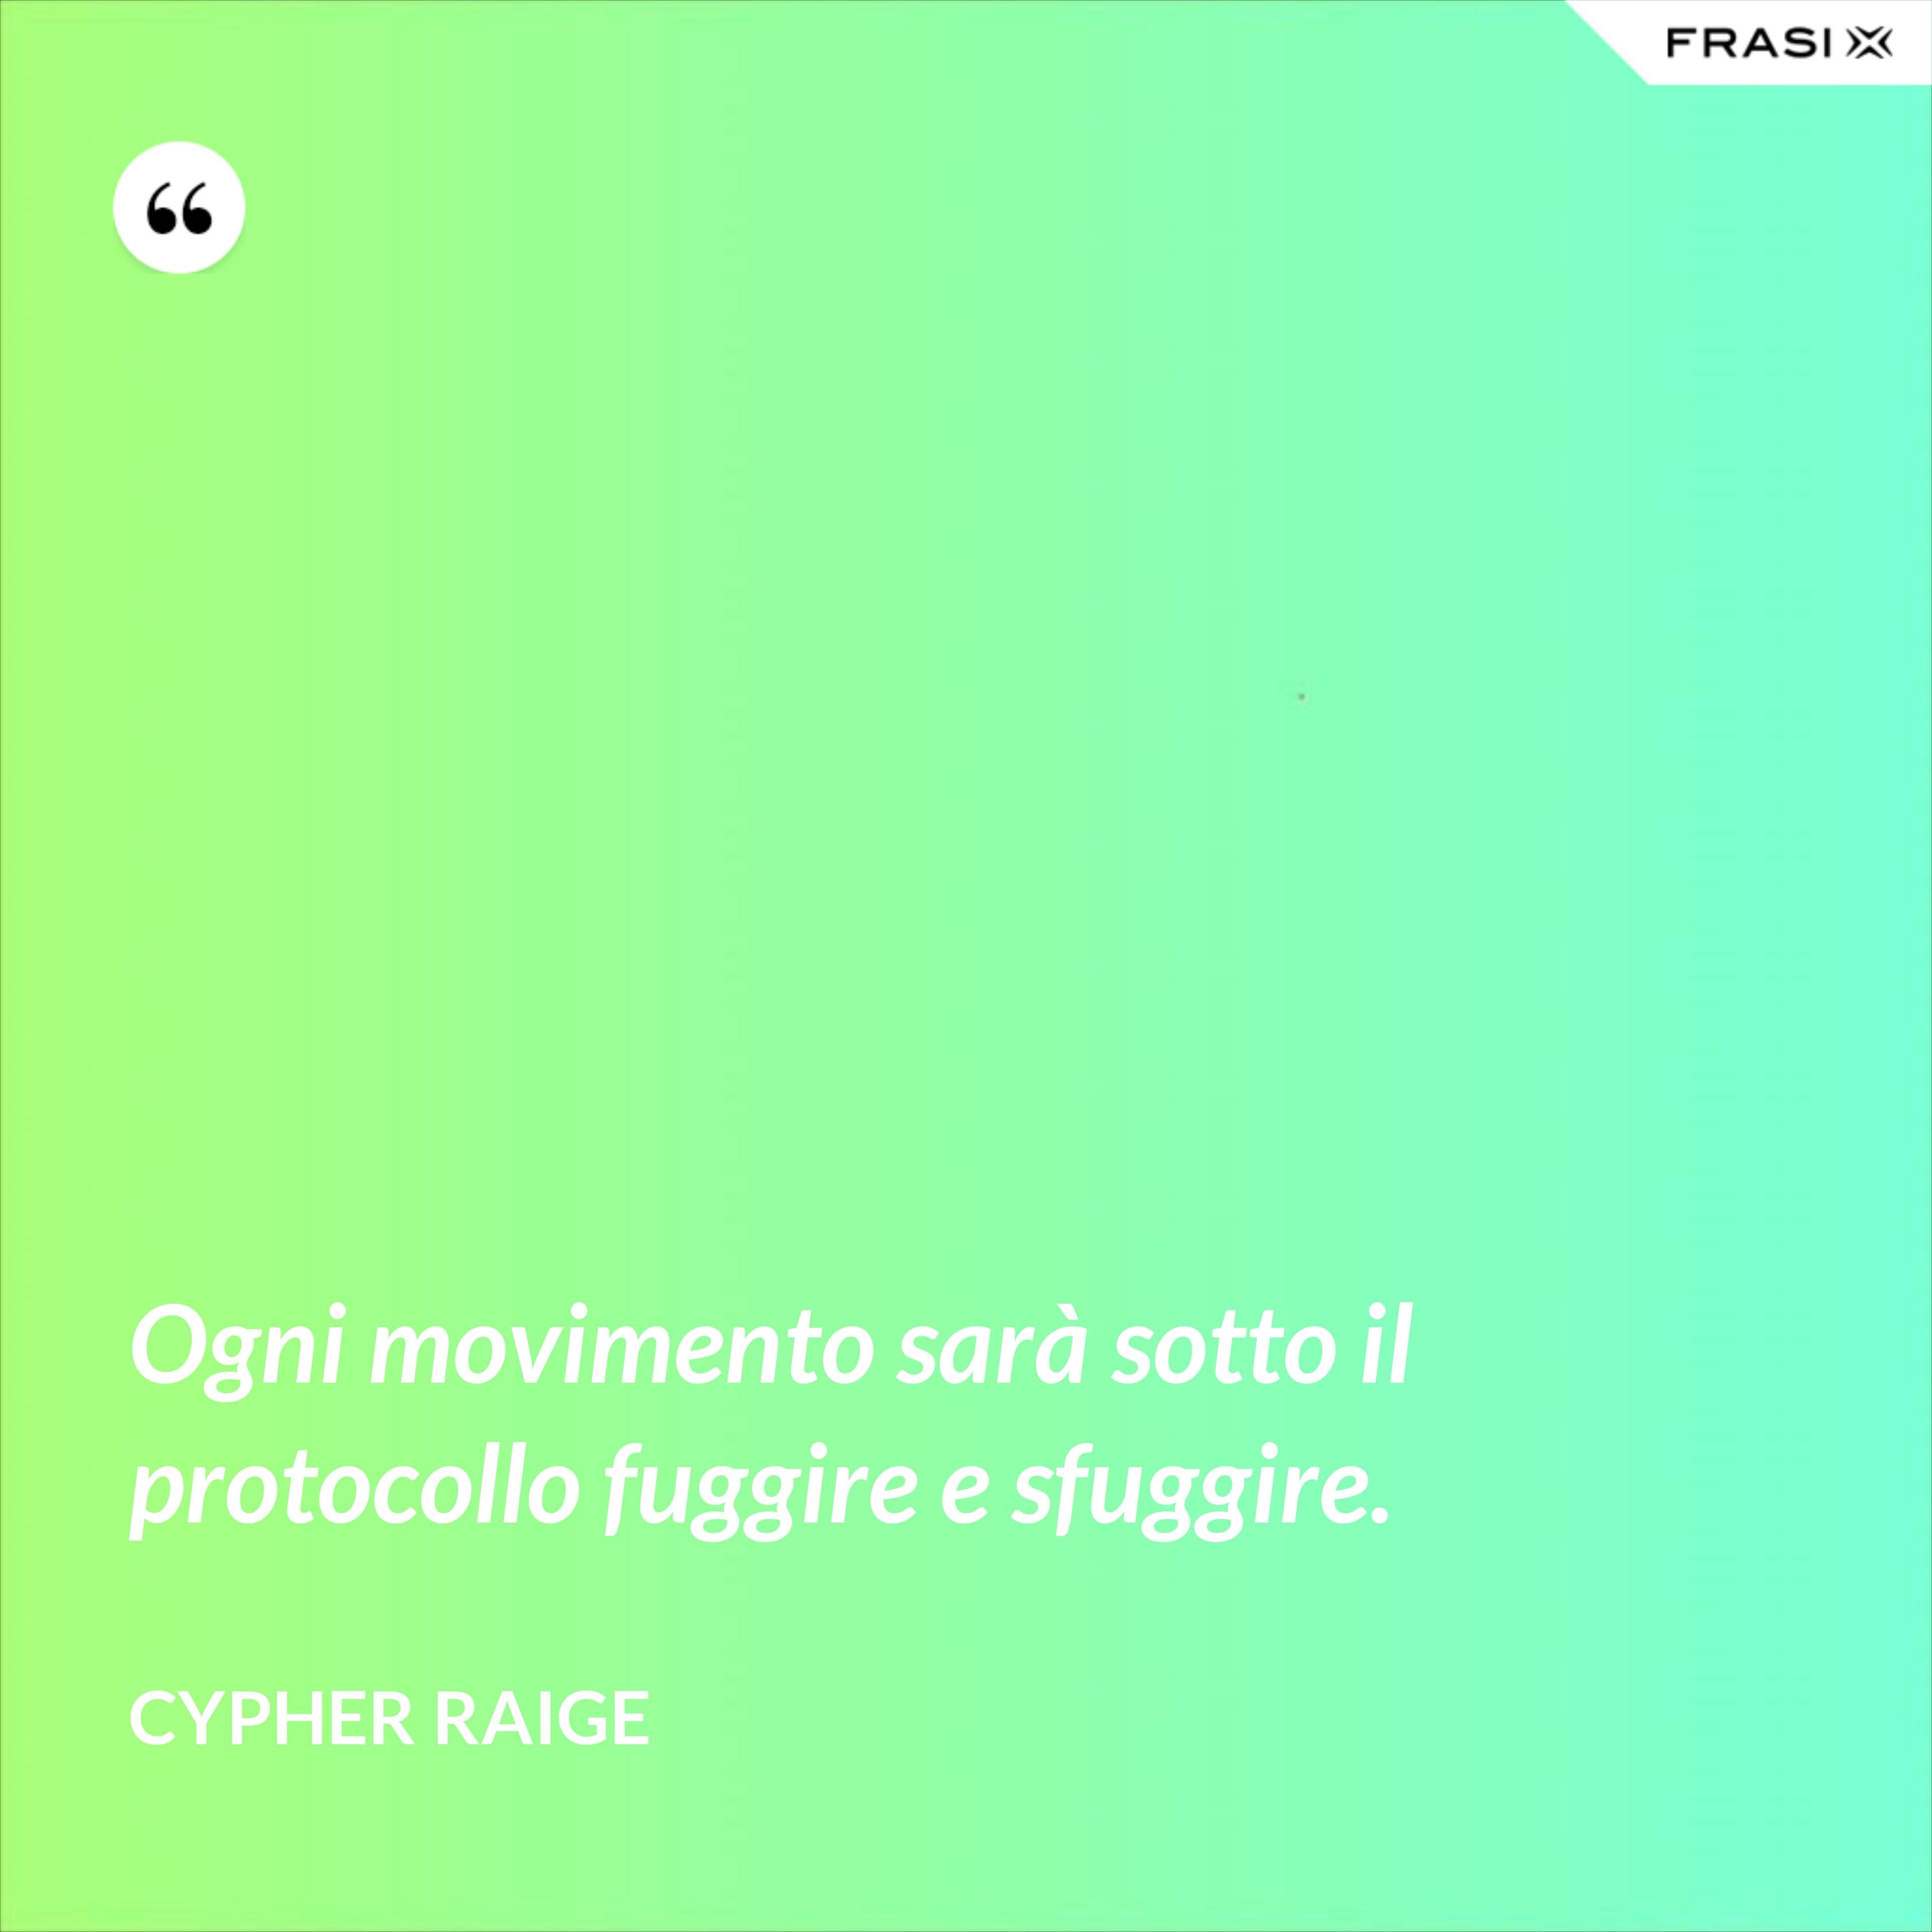 Ogni movimento sarà sotto il protocollo fuggire e sfuggire. - Cypher Raige